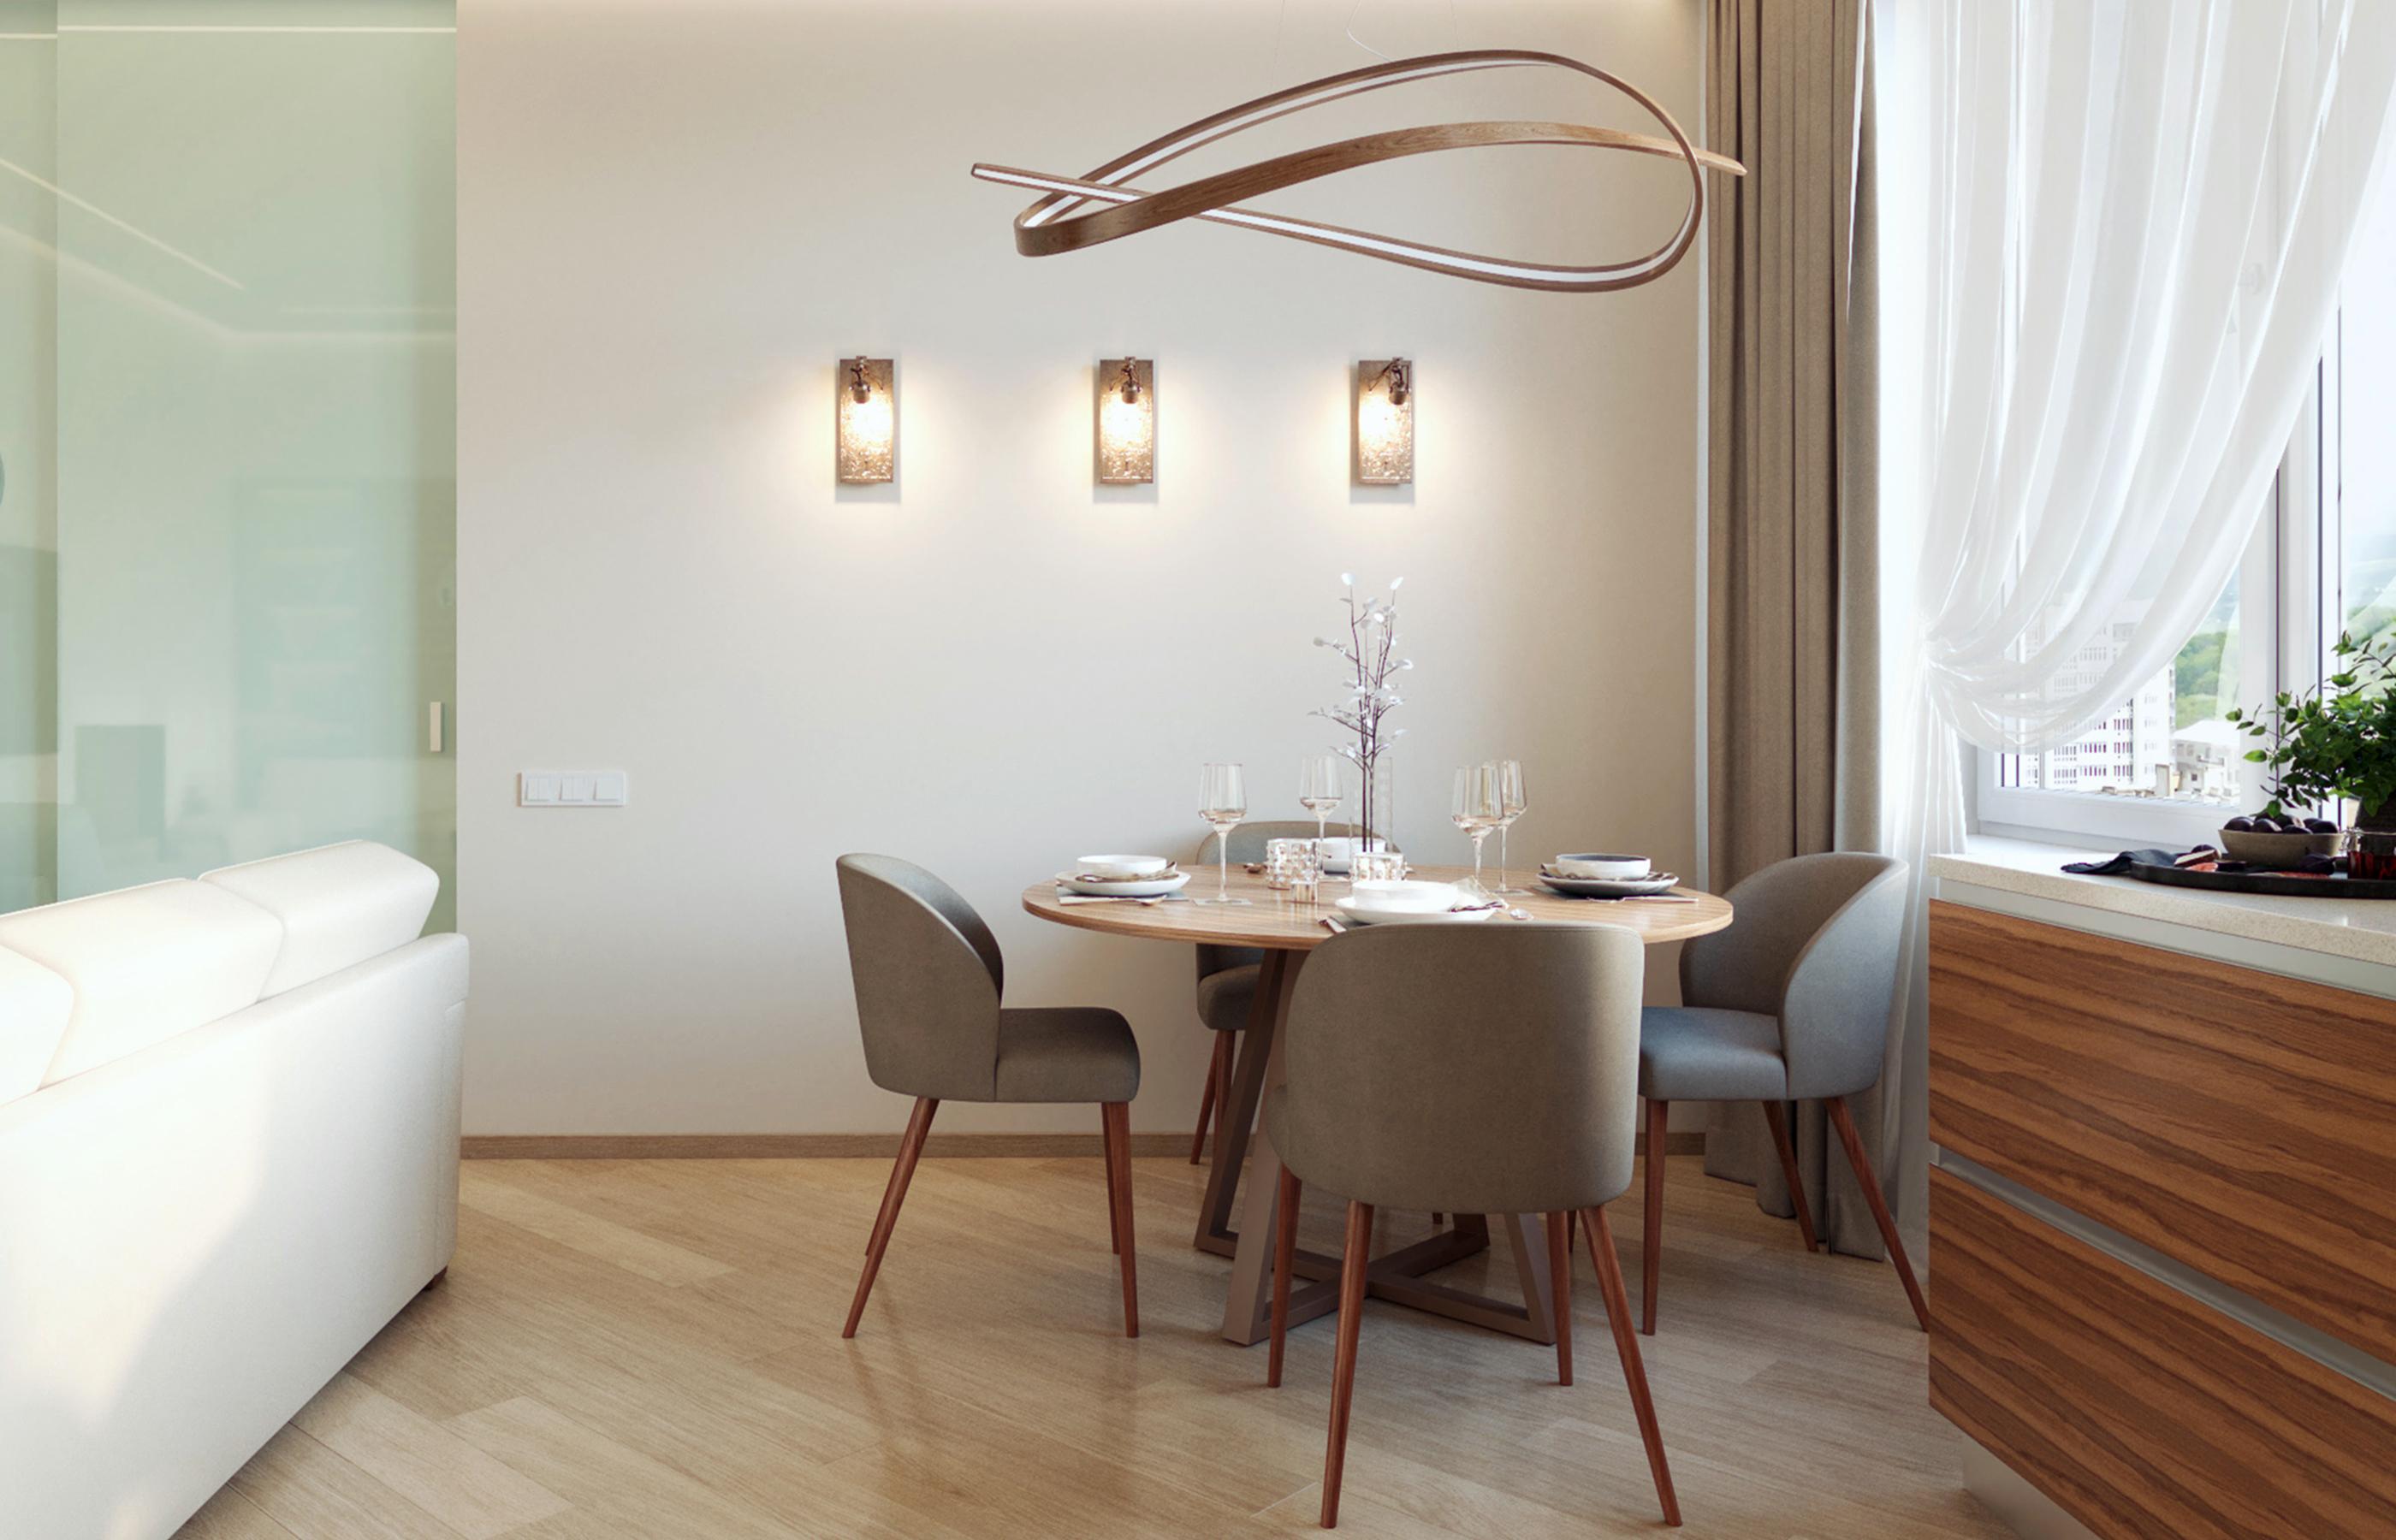 Столовая группа в гостиной в стиле минимализм